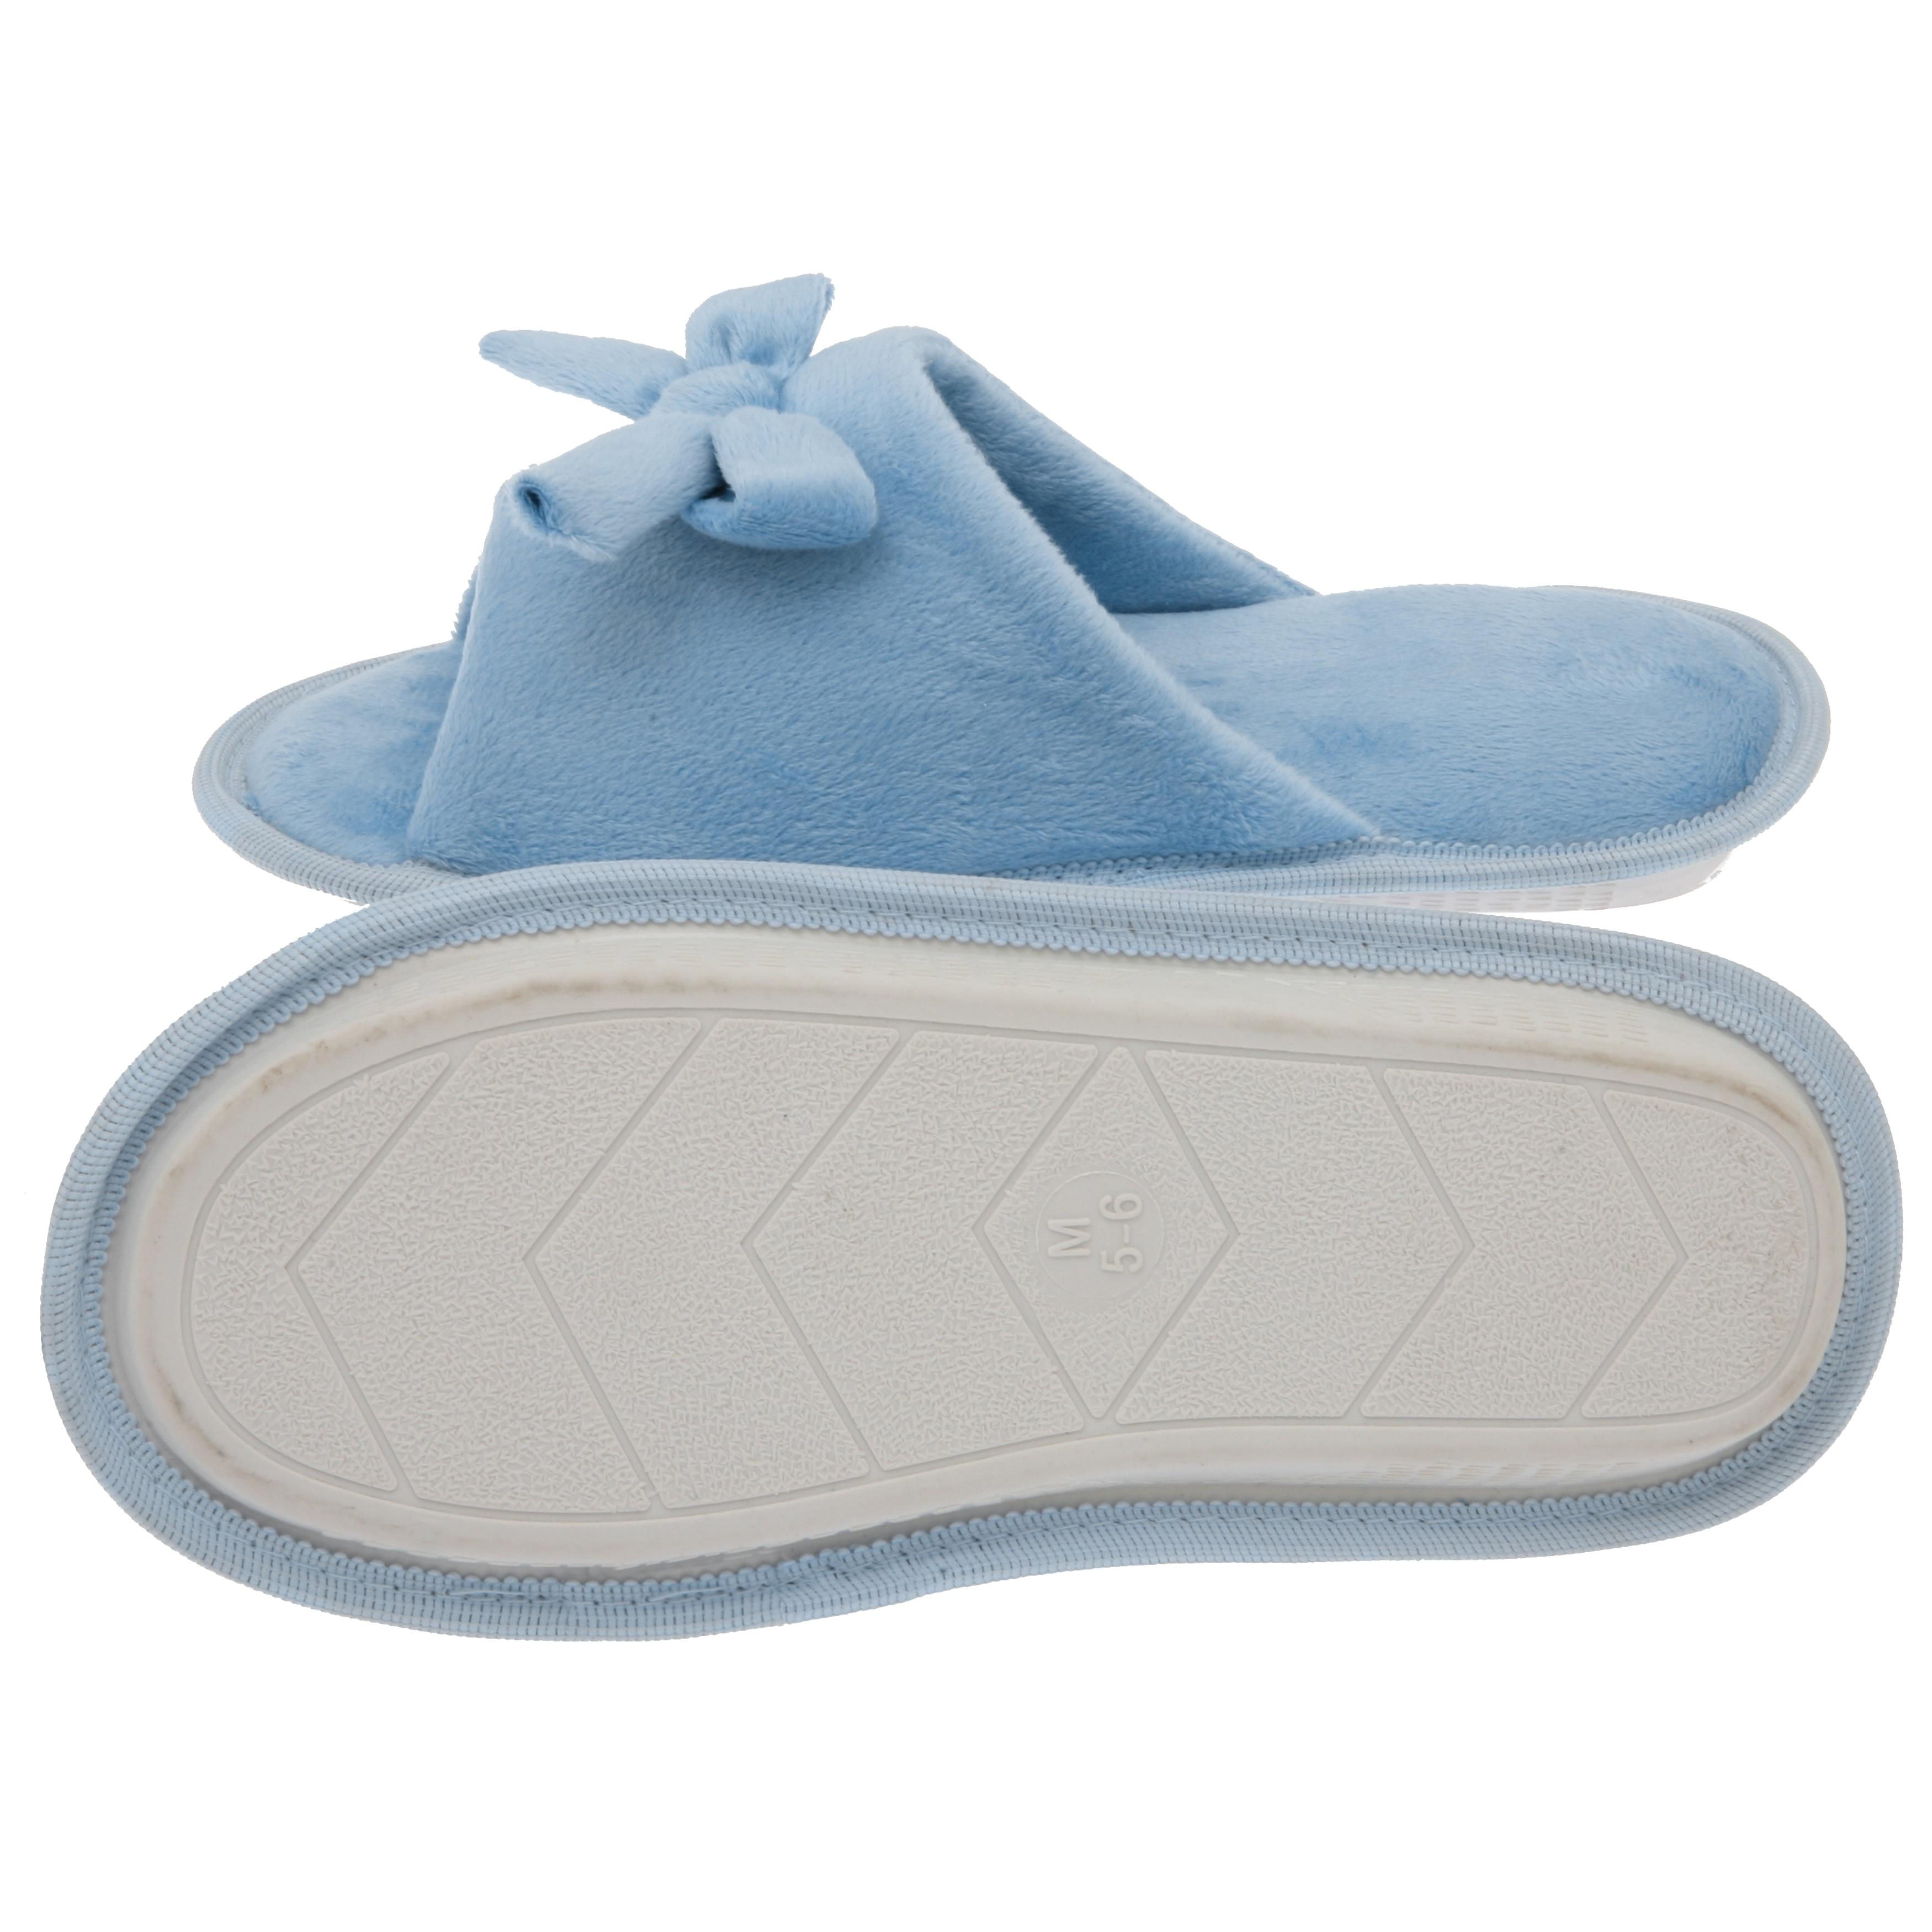 4dddea7b28f Shop Women s Butterfly Bow Slip-On Memory Foam House Slippers - Open Toe -  Fleece Memory Foam - Non-Marking Rubber Sole - Baby Blue - Free Shipping On  ...